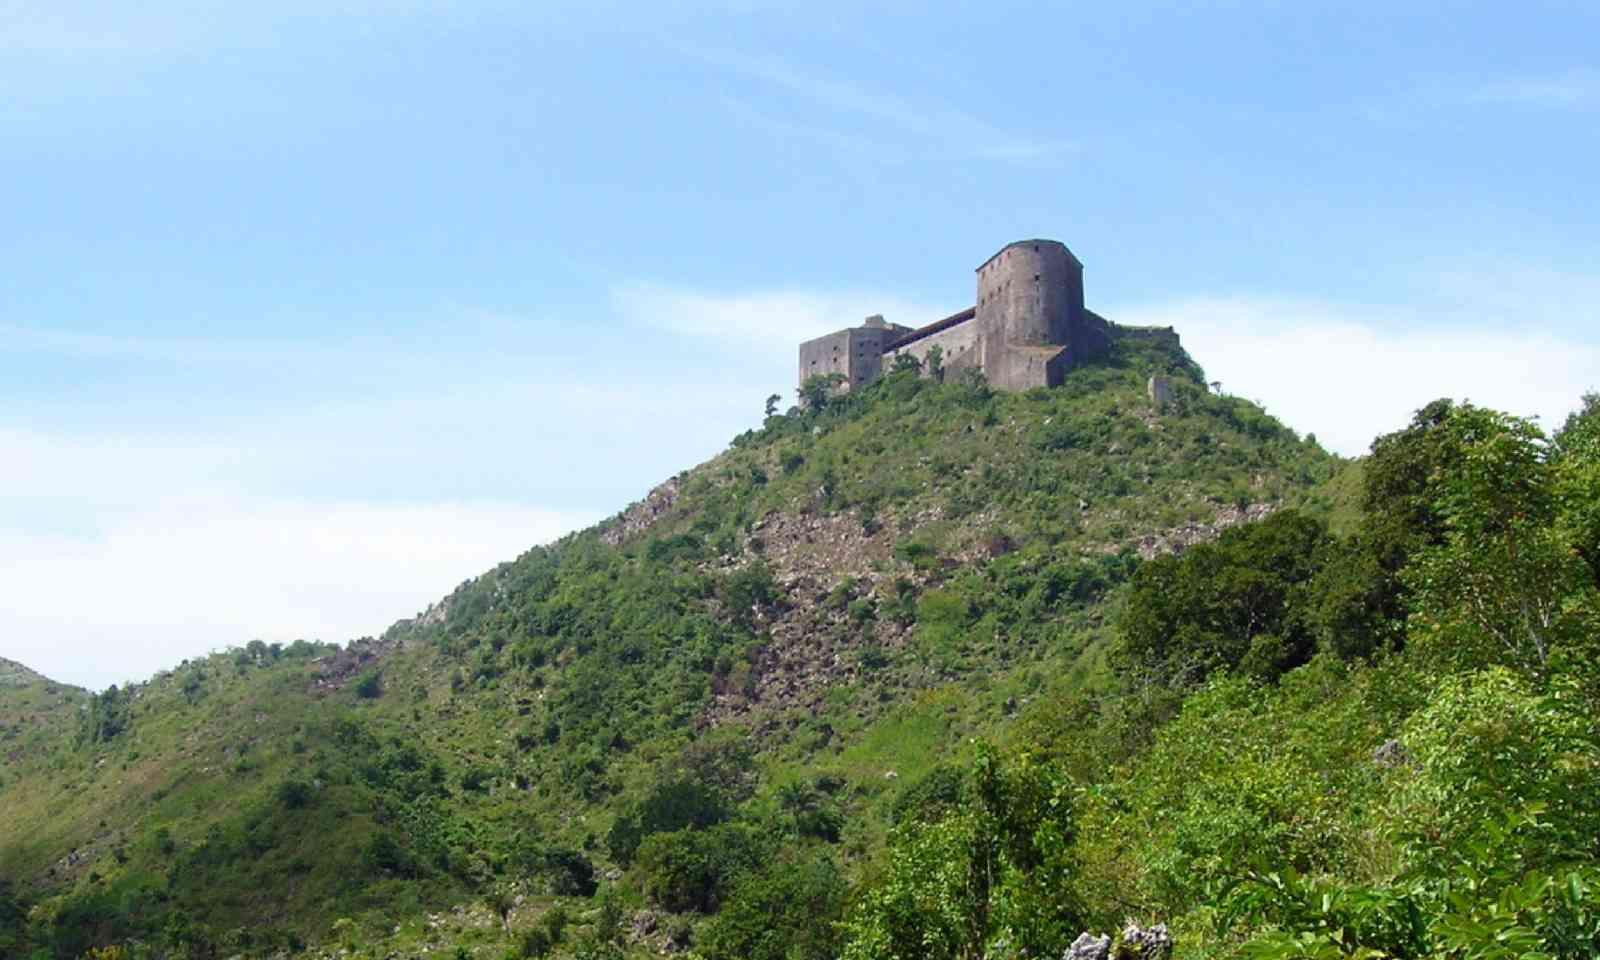 Approche de la citadelle (Flickr Creative Commons: Rémi Kaupp)